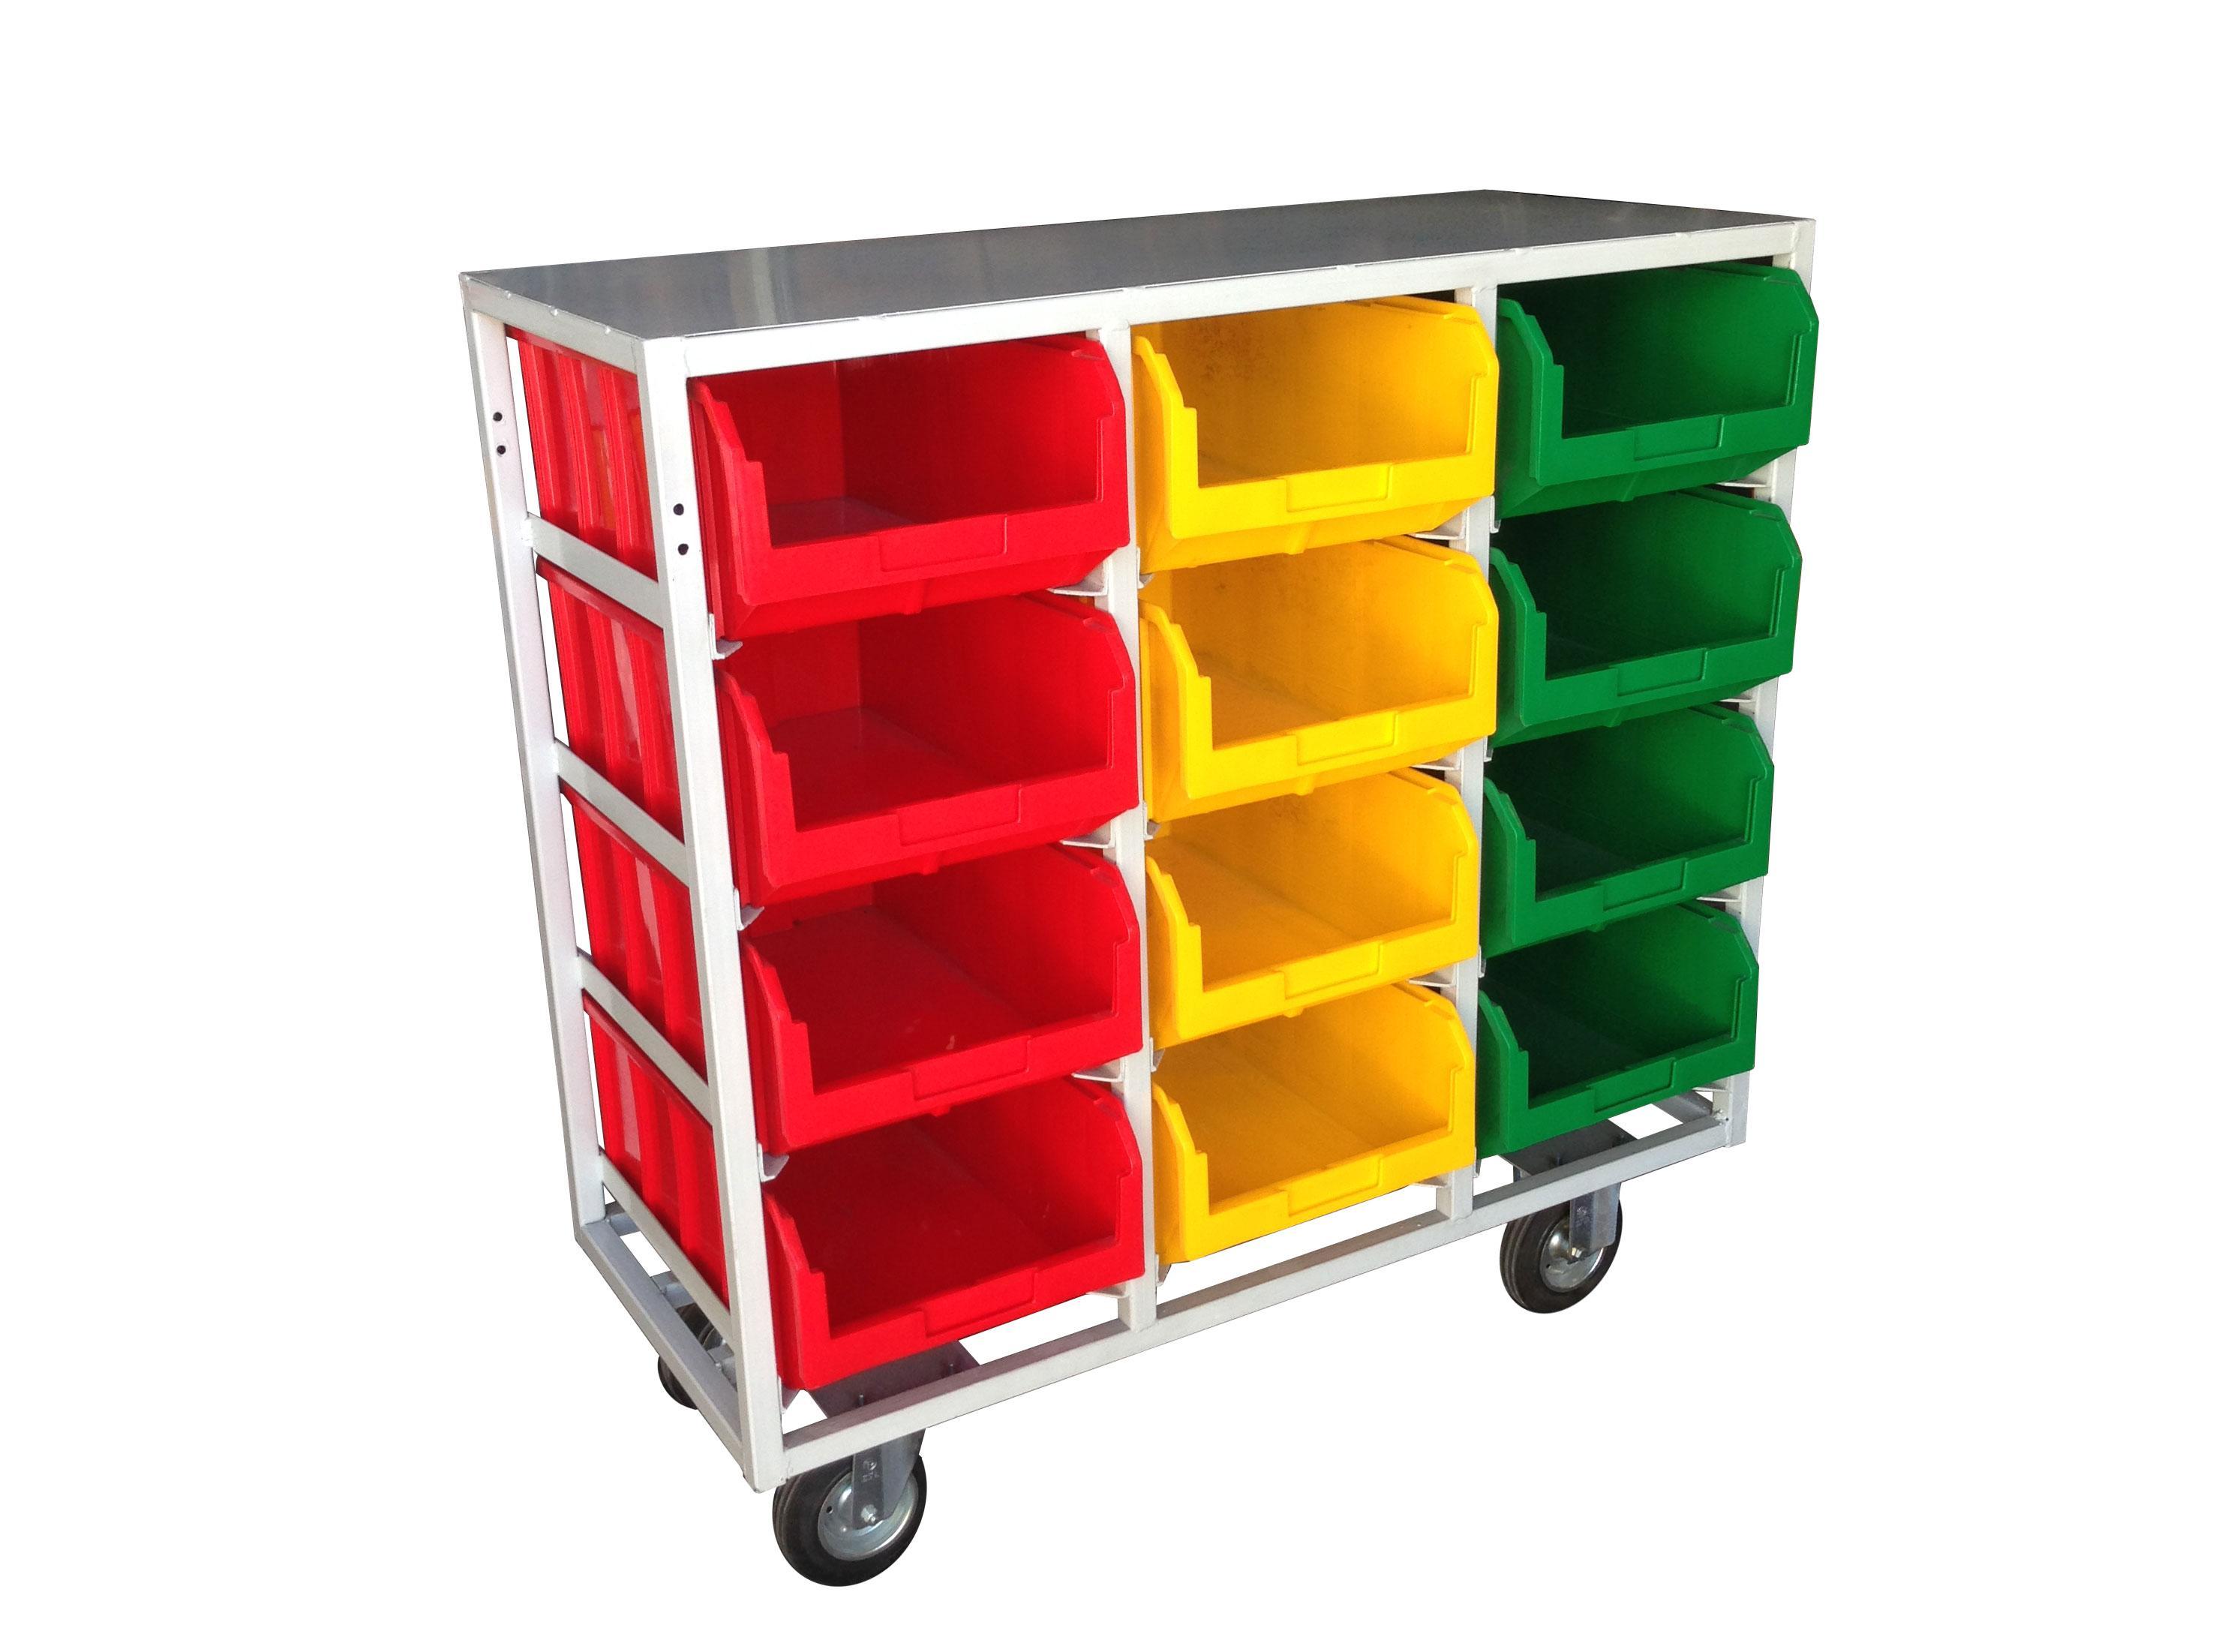 Стеллаж СТЕЛЛА V4-12ячеек (200К) синий/ зеленый/ желтый/ красный 4 200 4 200 500